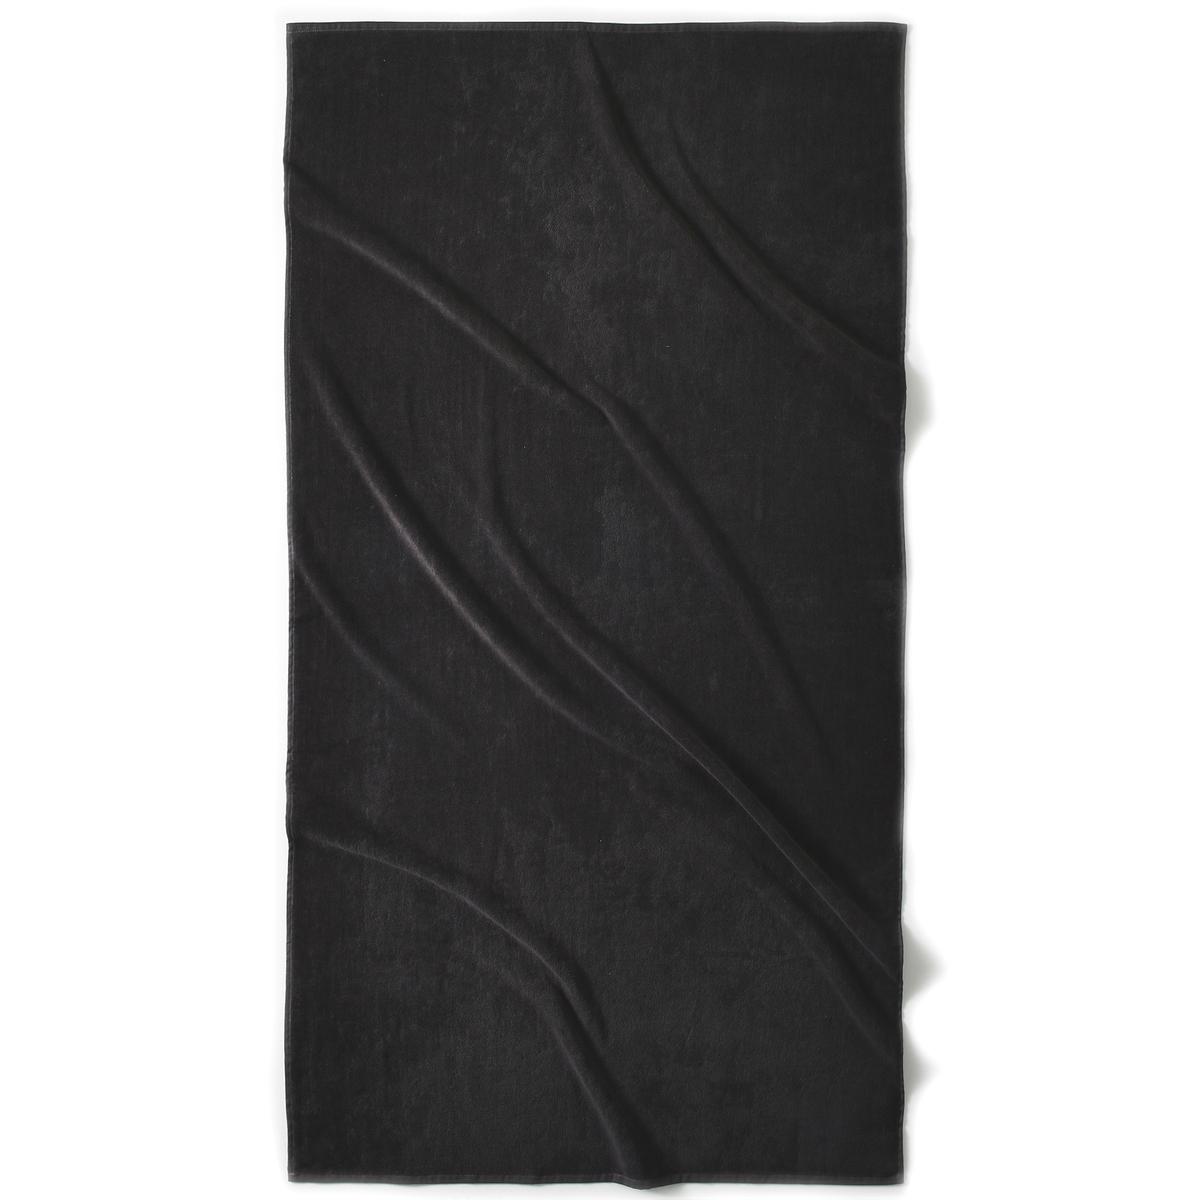 Полотенце La Redoute Пляжное из велюра гм SCENARIO единый размер серый комплект из полотенце для la redoute рук из хлопка и льна nipaly 50 x 100 см белый